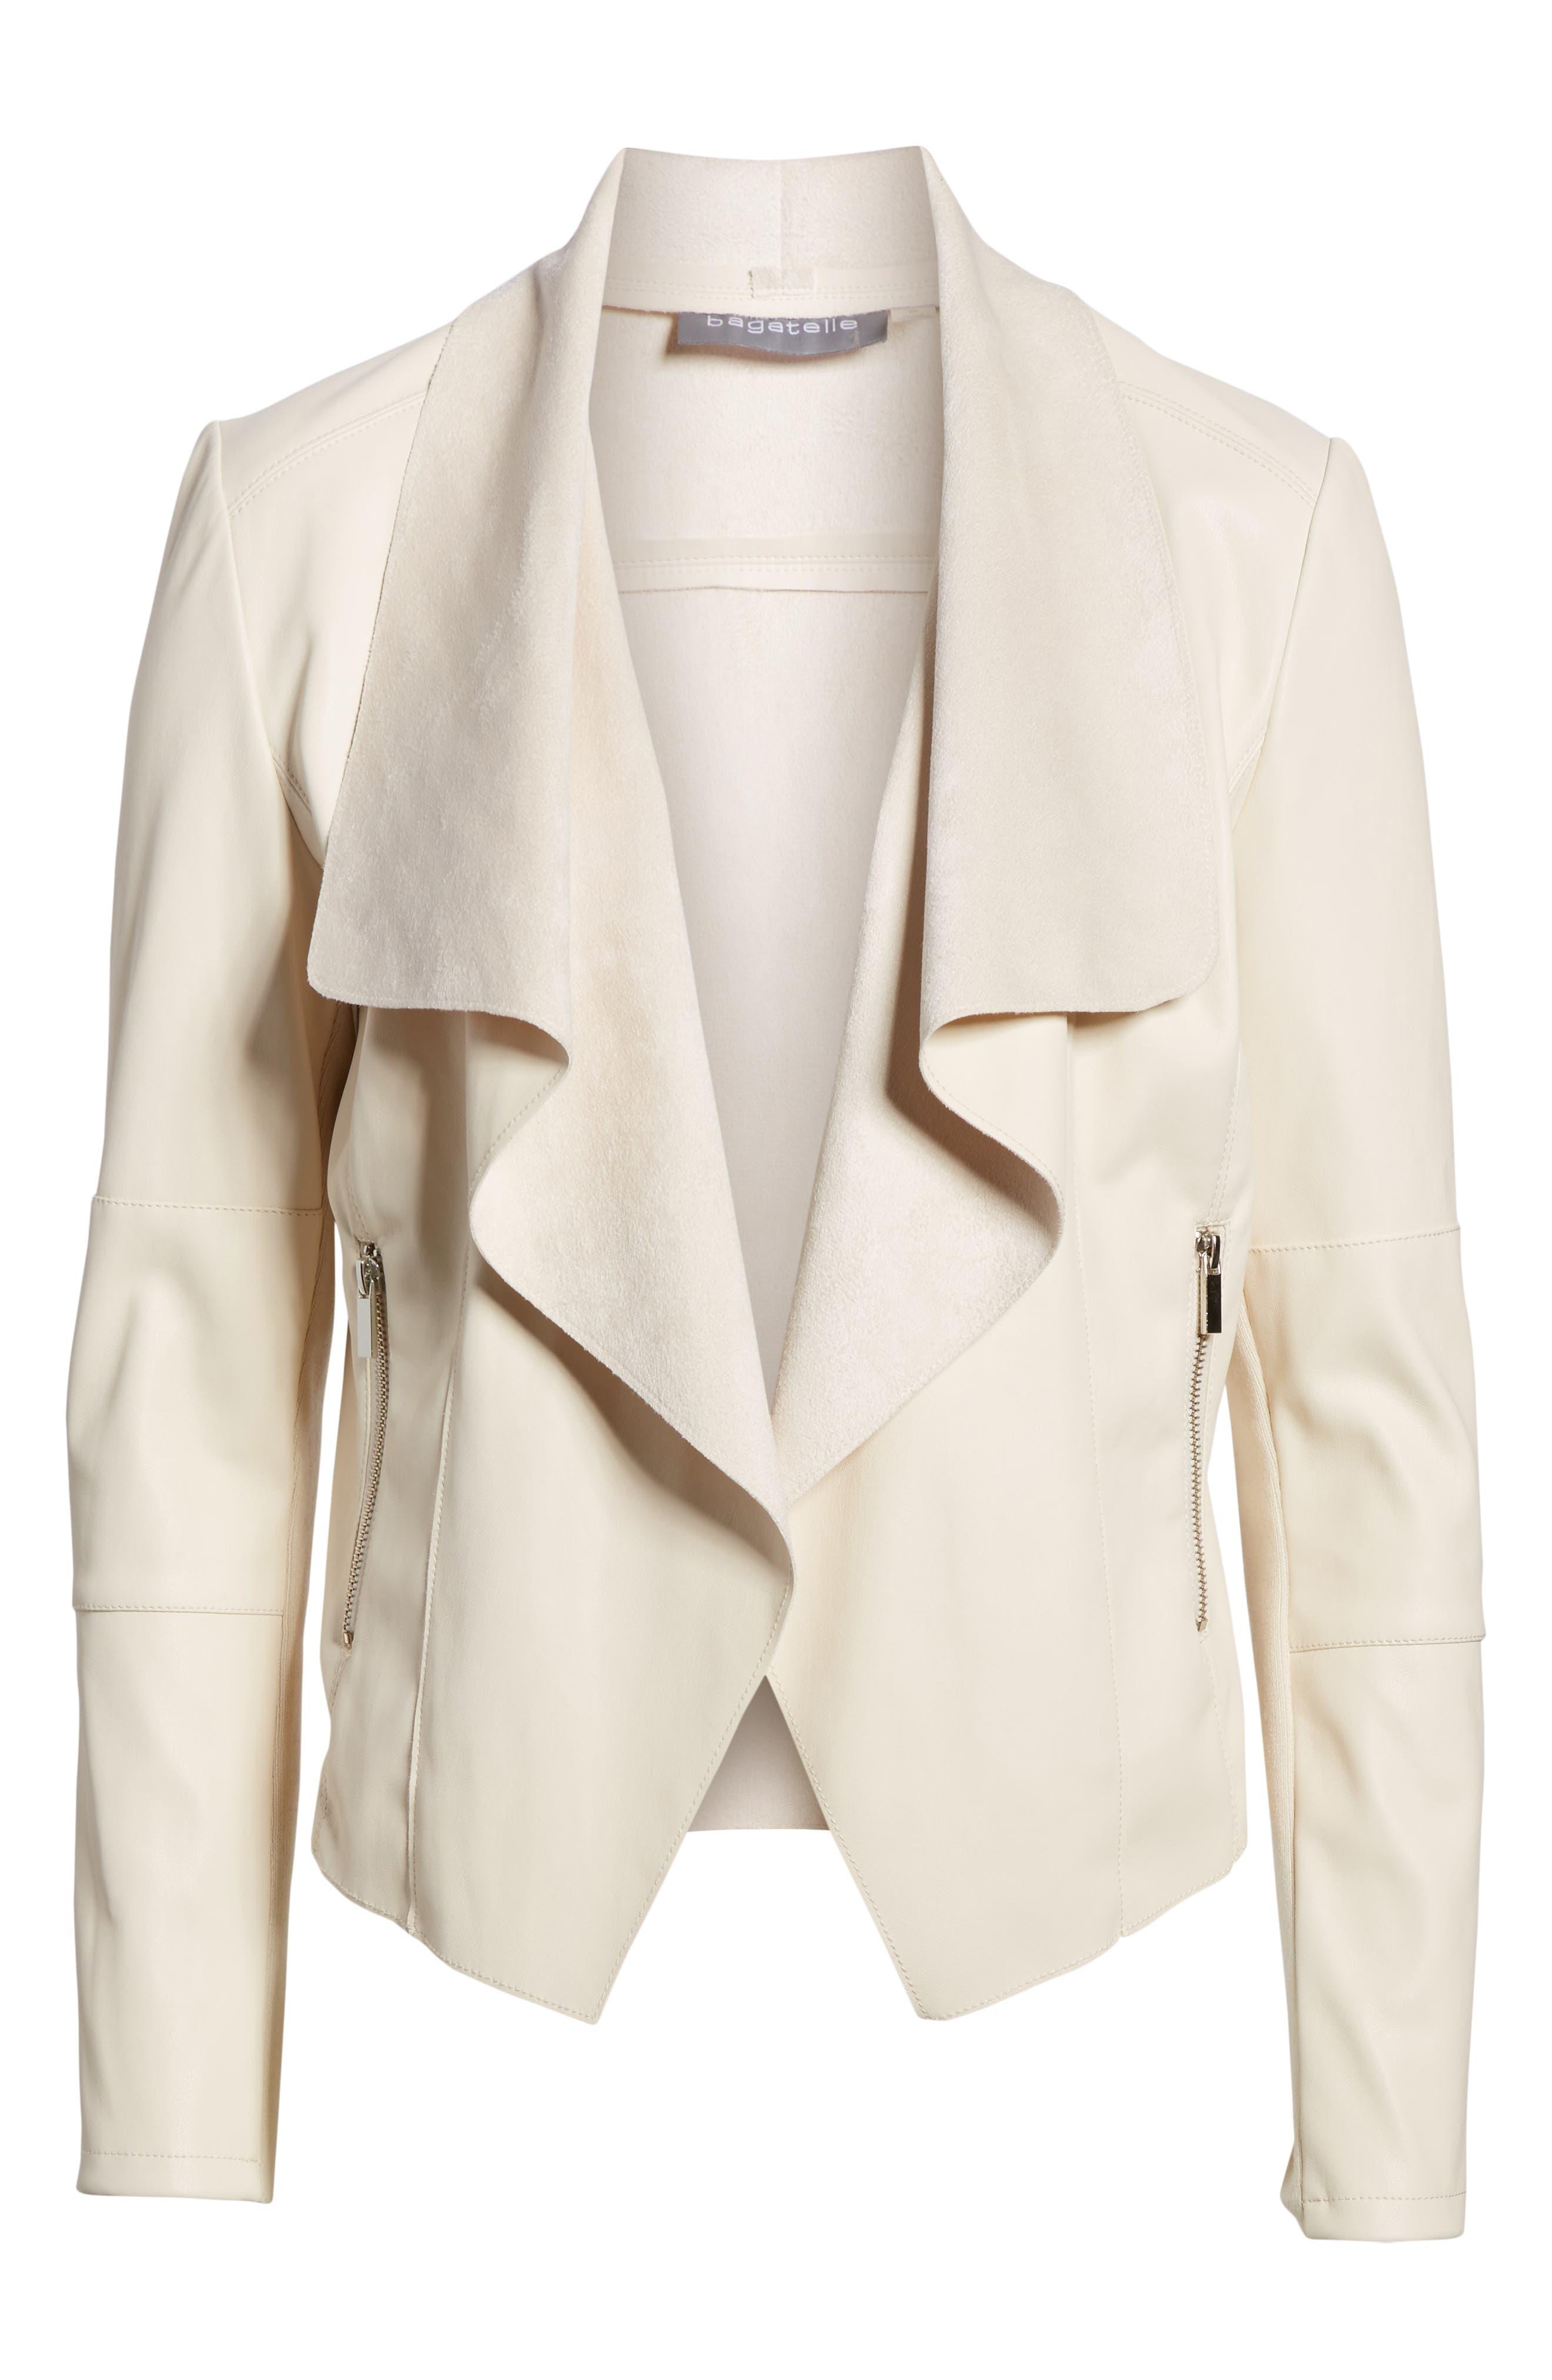 Drape Faux Leather & Faux Suede Jacket,                             Main thumbnail 1, color,                             Cream